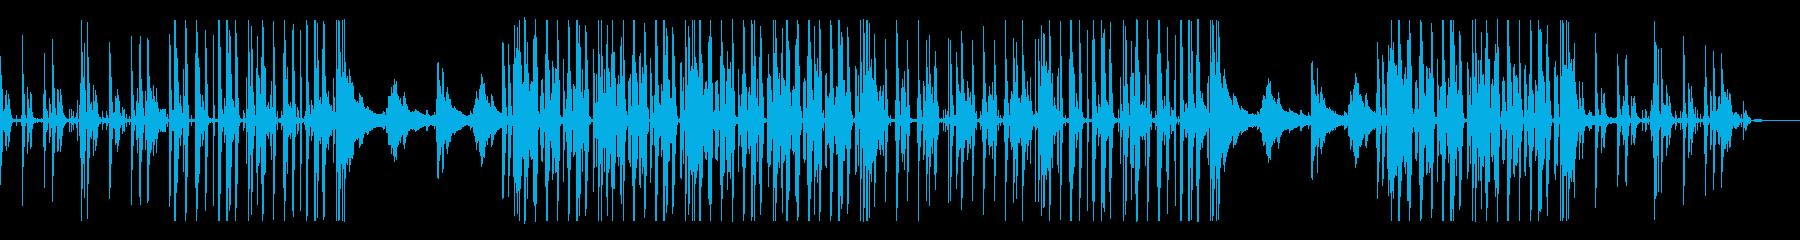 チルアウト、オシャレ、近未来的なBGMの再生済みの波形